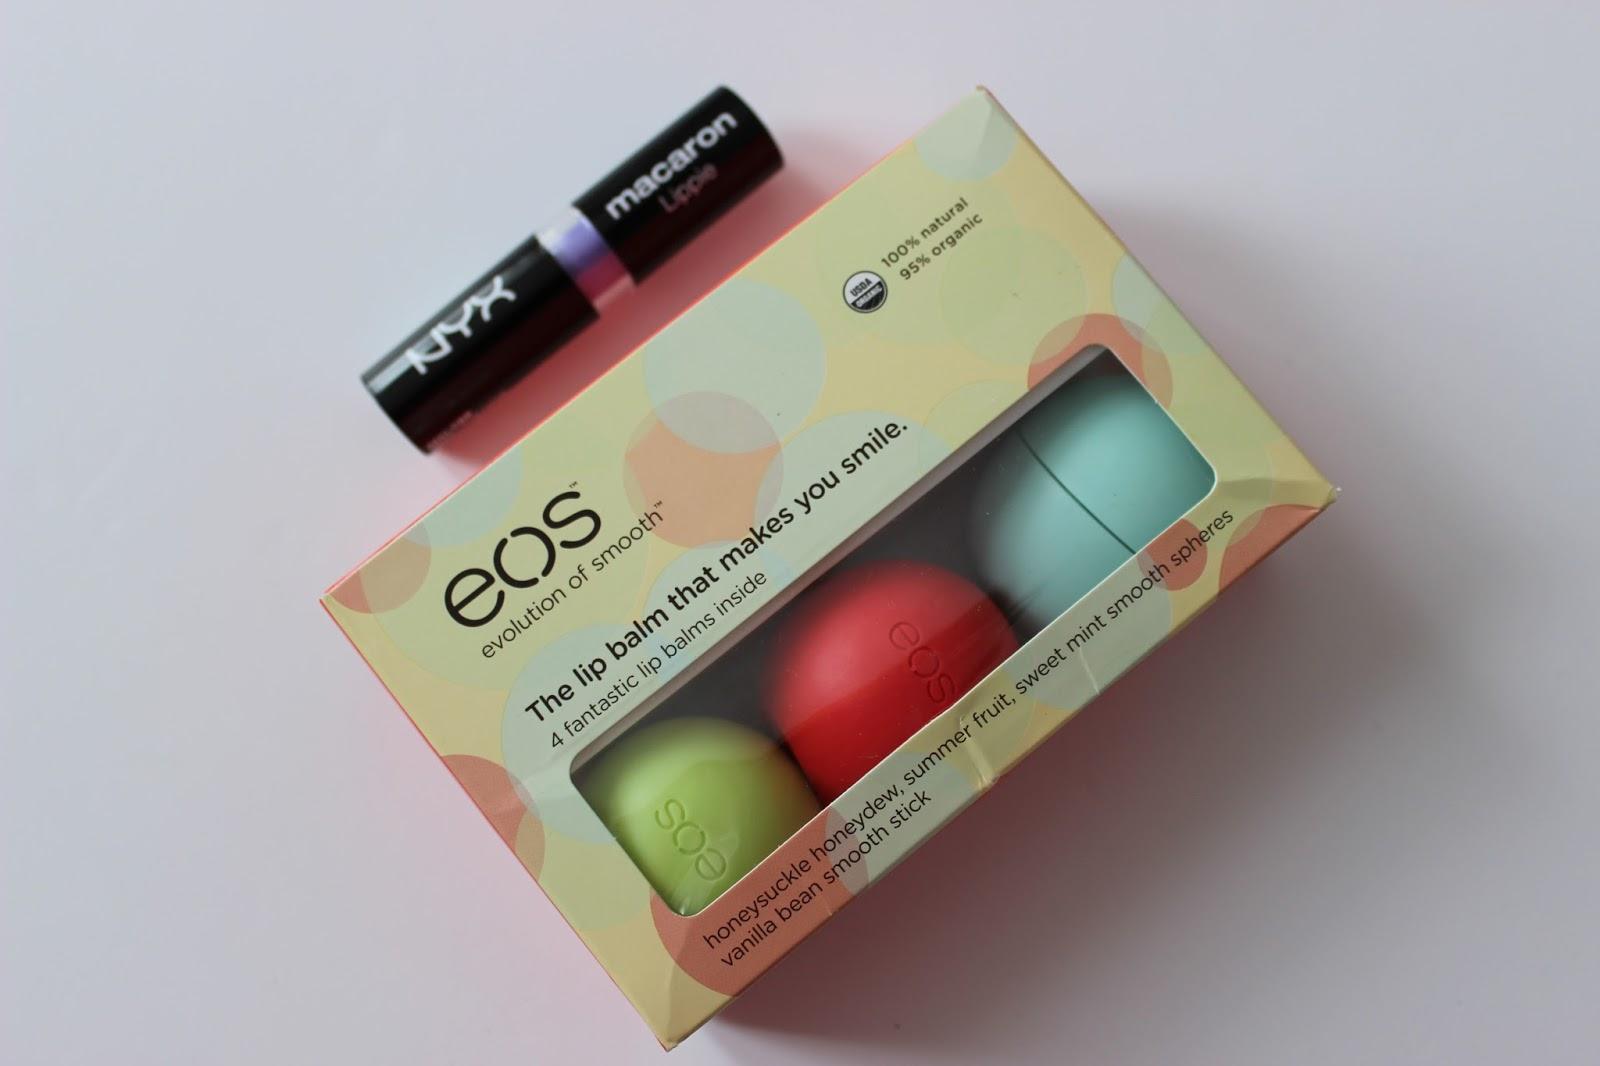 EOS lip balms and NYX macaron lipstick